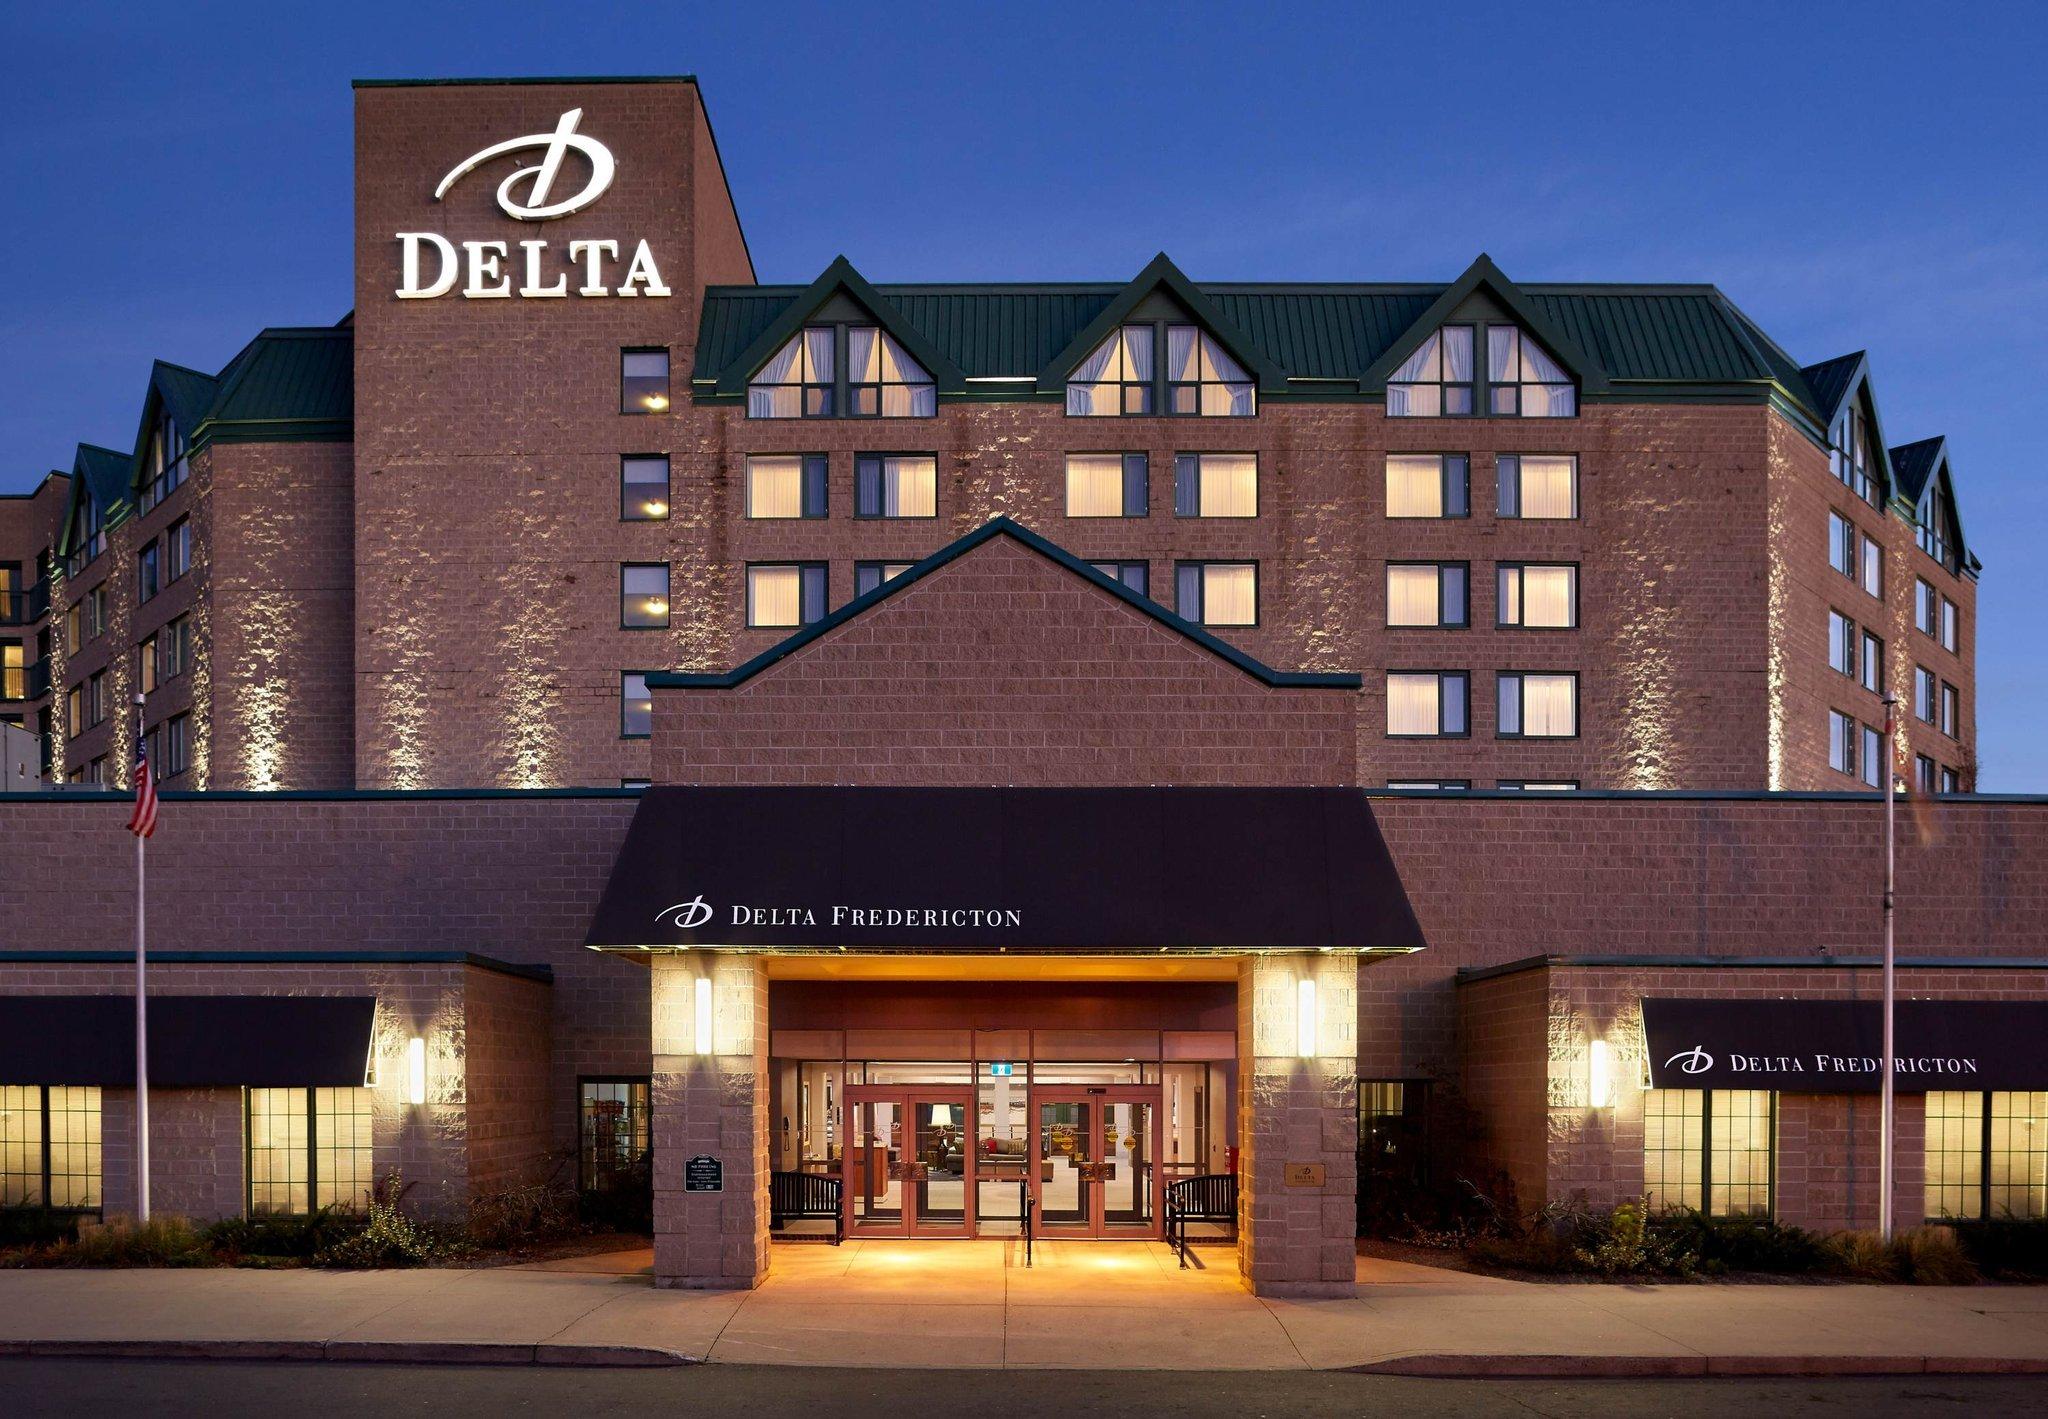 델타 프레더릭턴 호텔